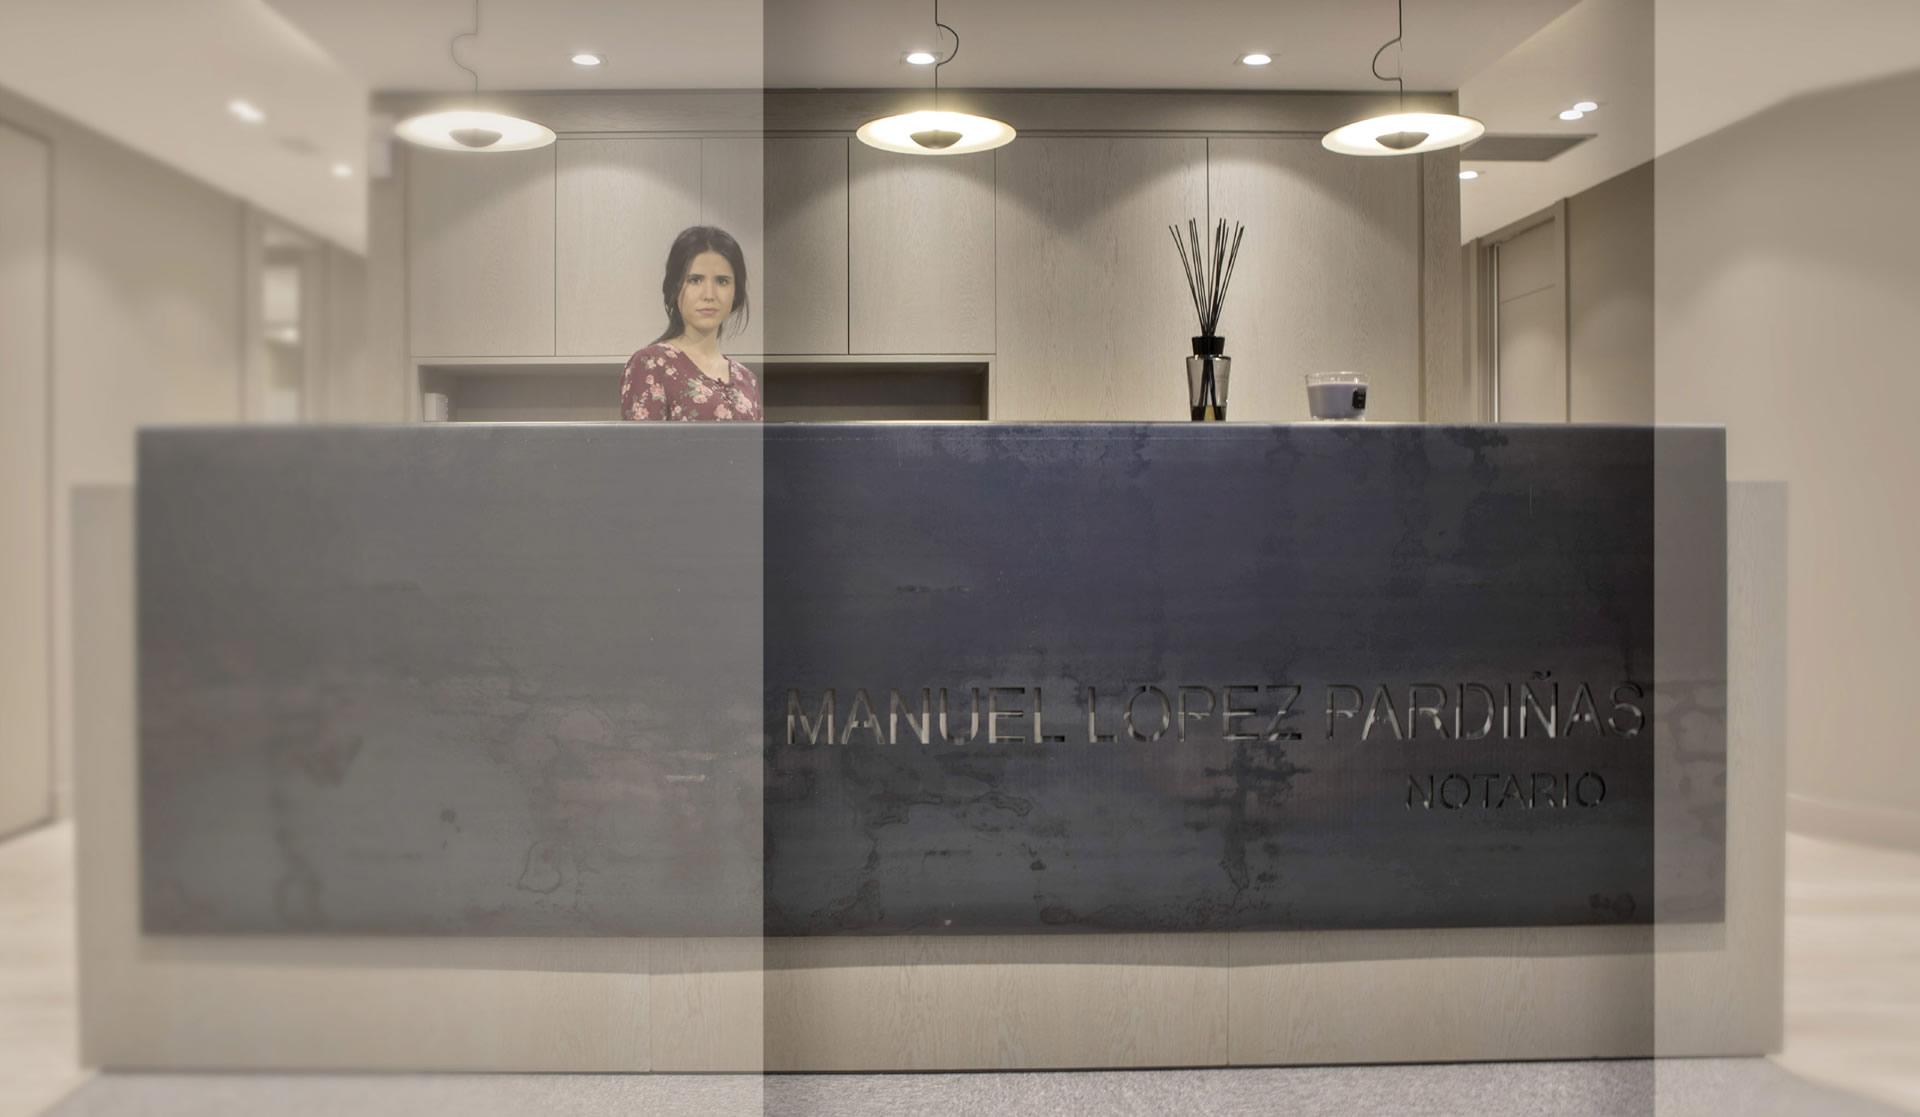 Notarios Ubicados en Bilbao